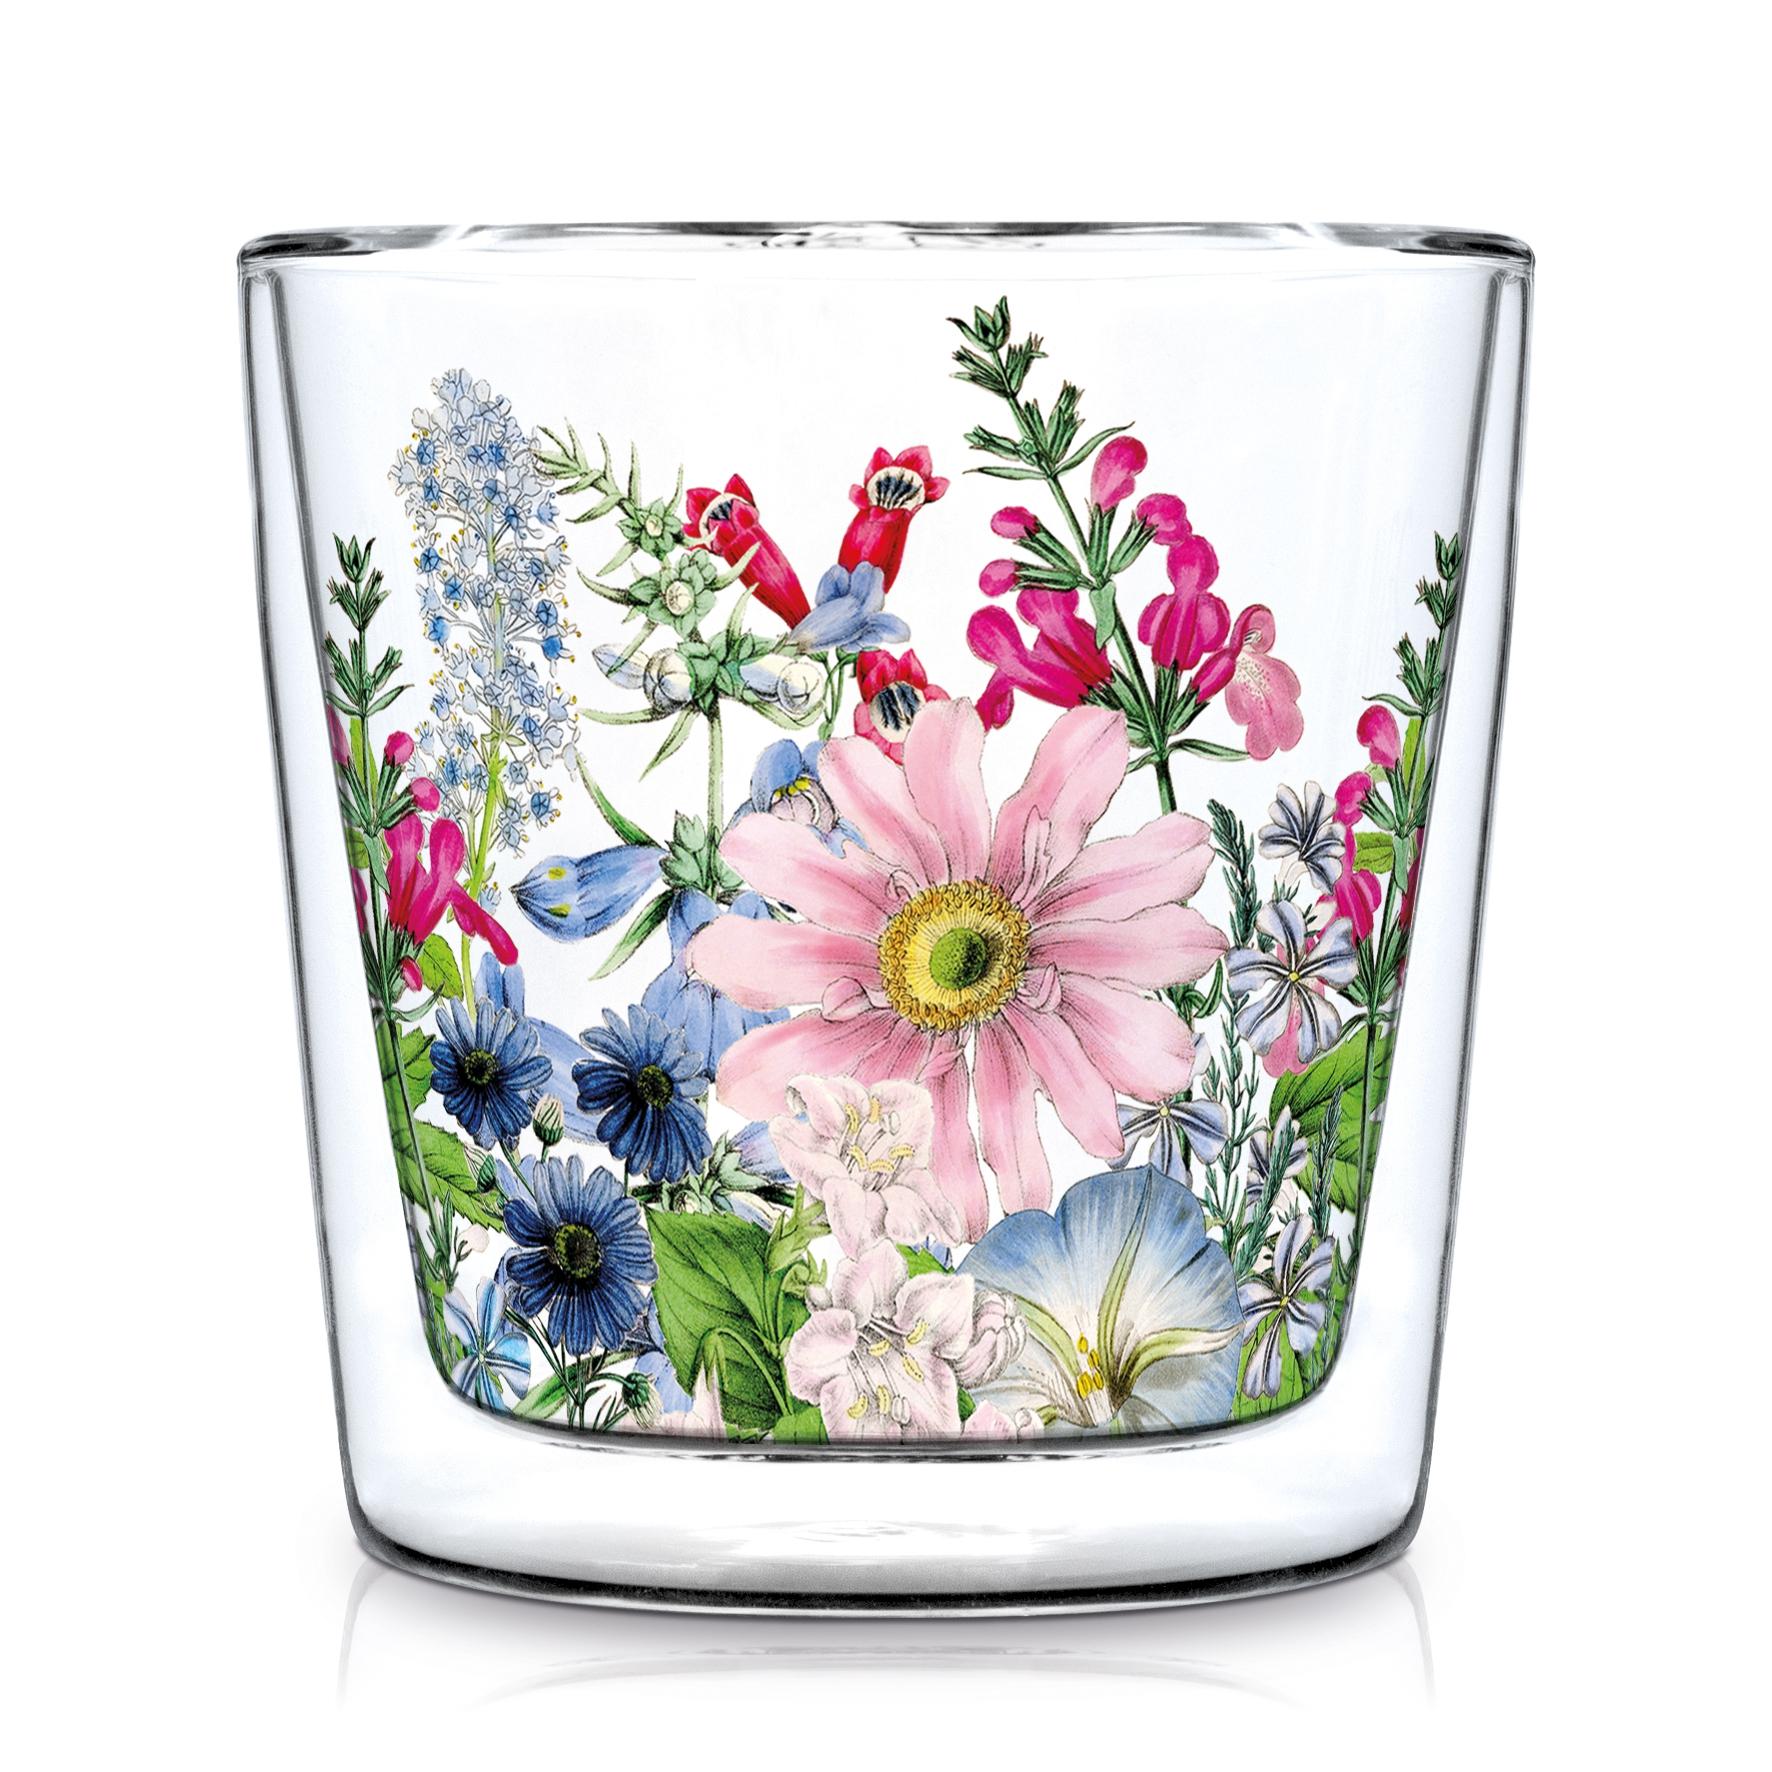 双层玻璃 - Doublewall Trendglass Floriculture